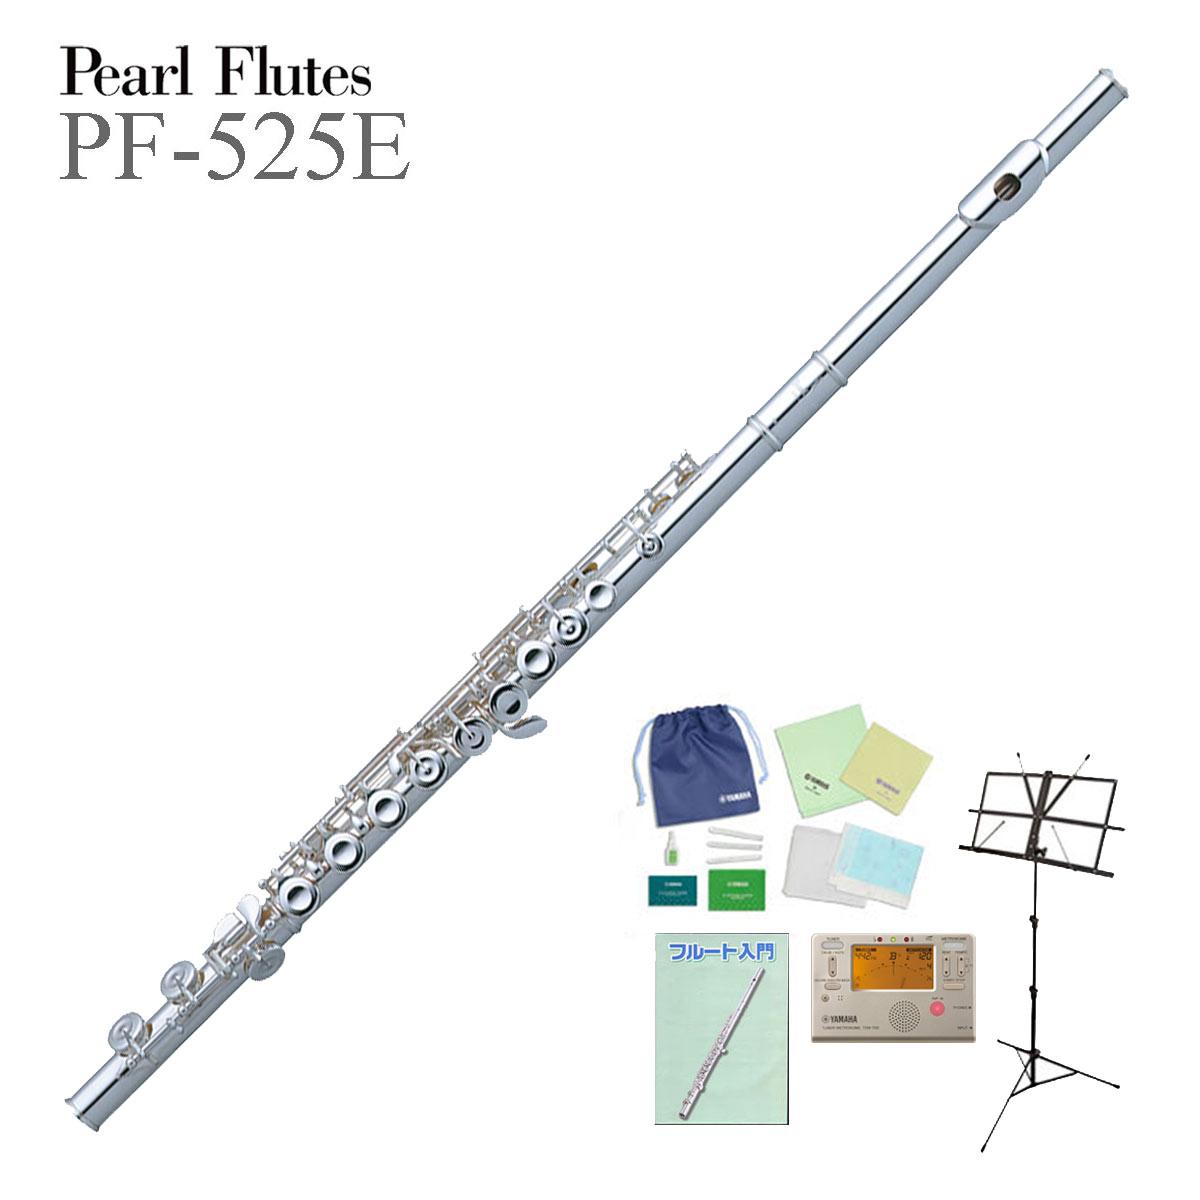 【タイムセール:30日12時まで】【在庫あり】Pearl Flute / PF-525E パールフルート リッププレート・ライザー銀製 【全部入りセット】《未展示保管の新品をお届け》《5年保証》